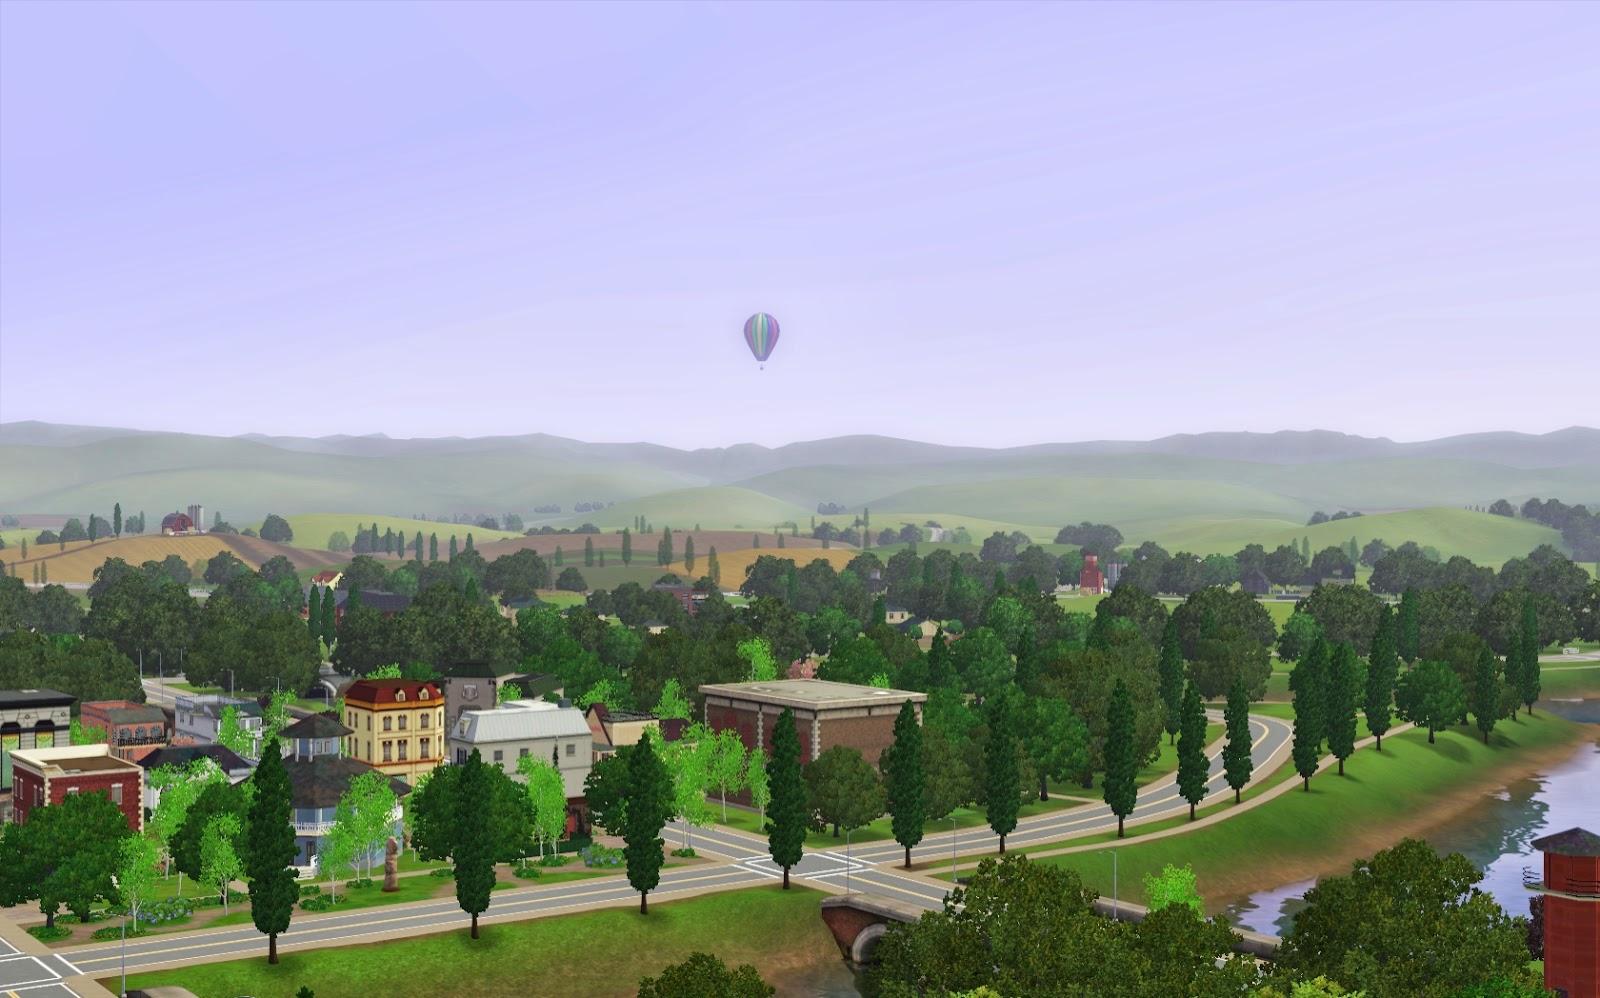 Summer S Little Sims 3 Garden Riverview List Of Community